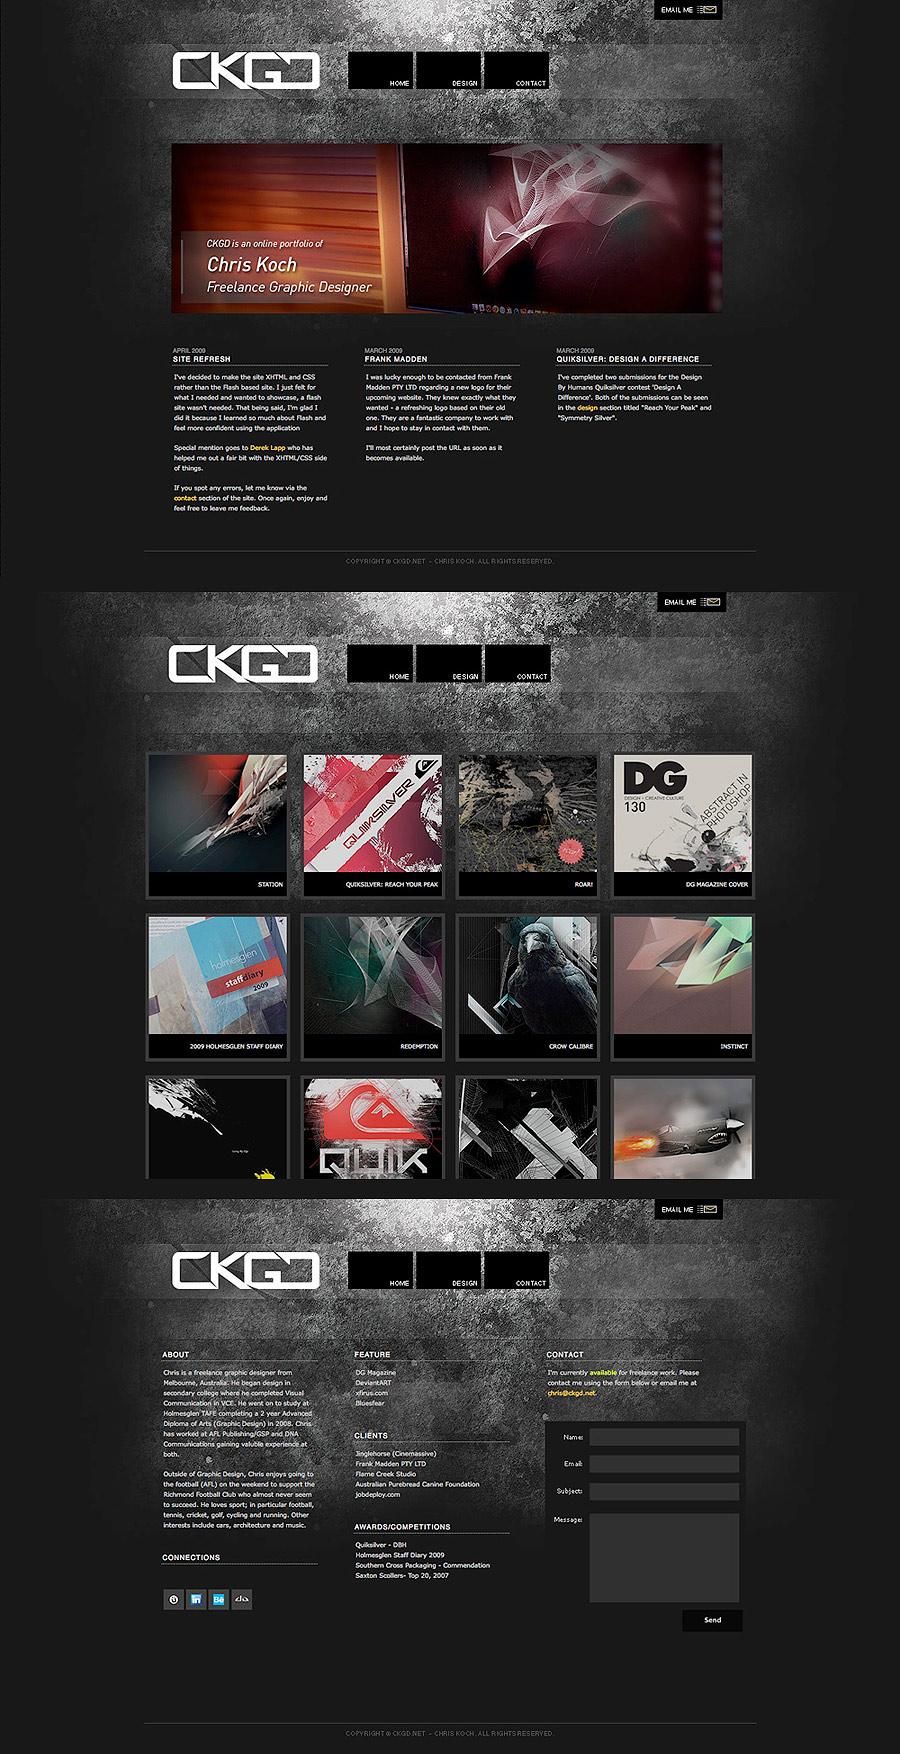 CKGD.net Website Version 2 by kocho